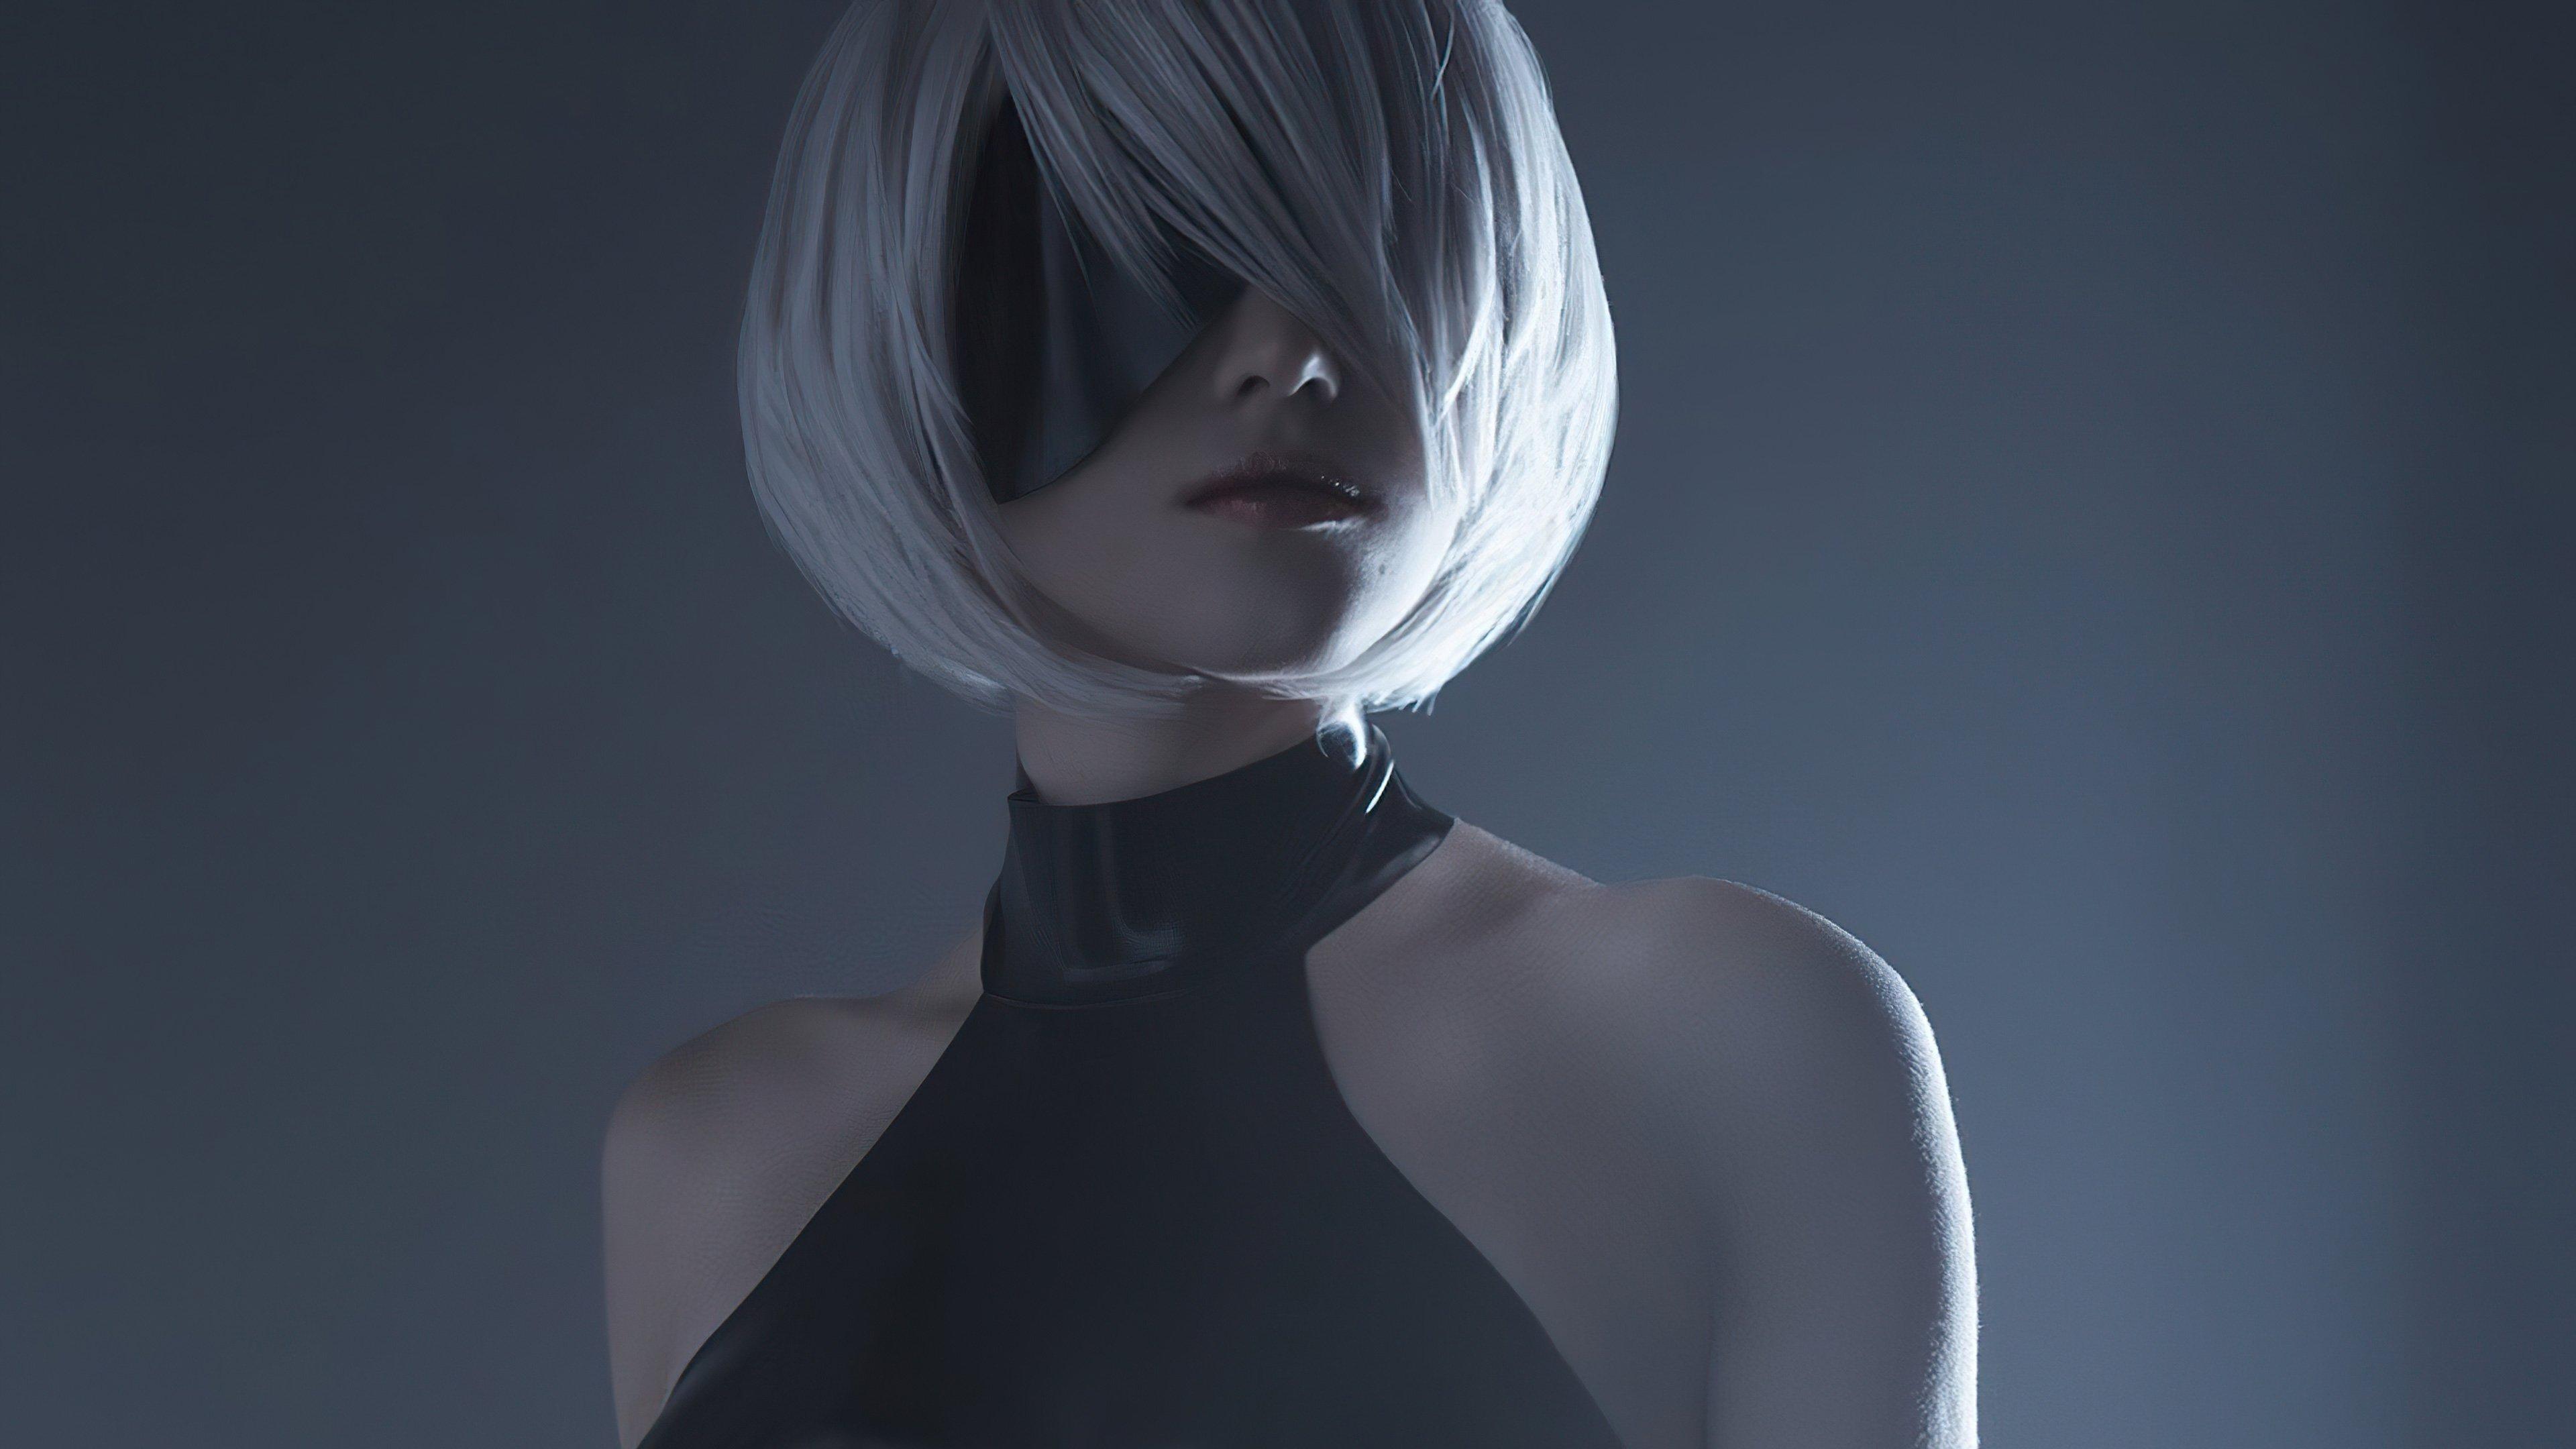 Fondos de pantalla Nier Automata con cabello corto